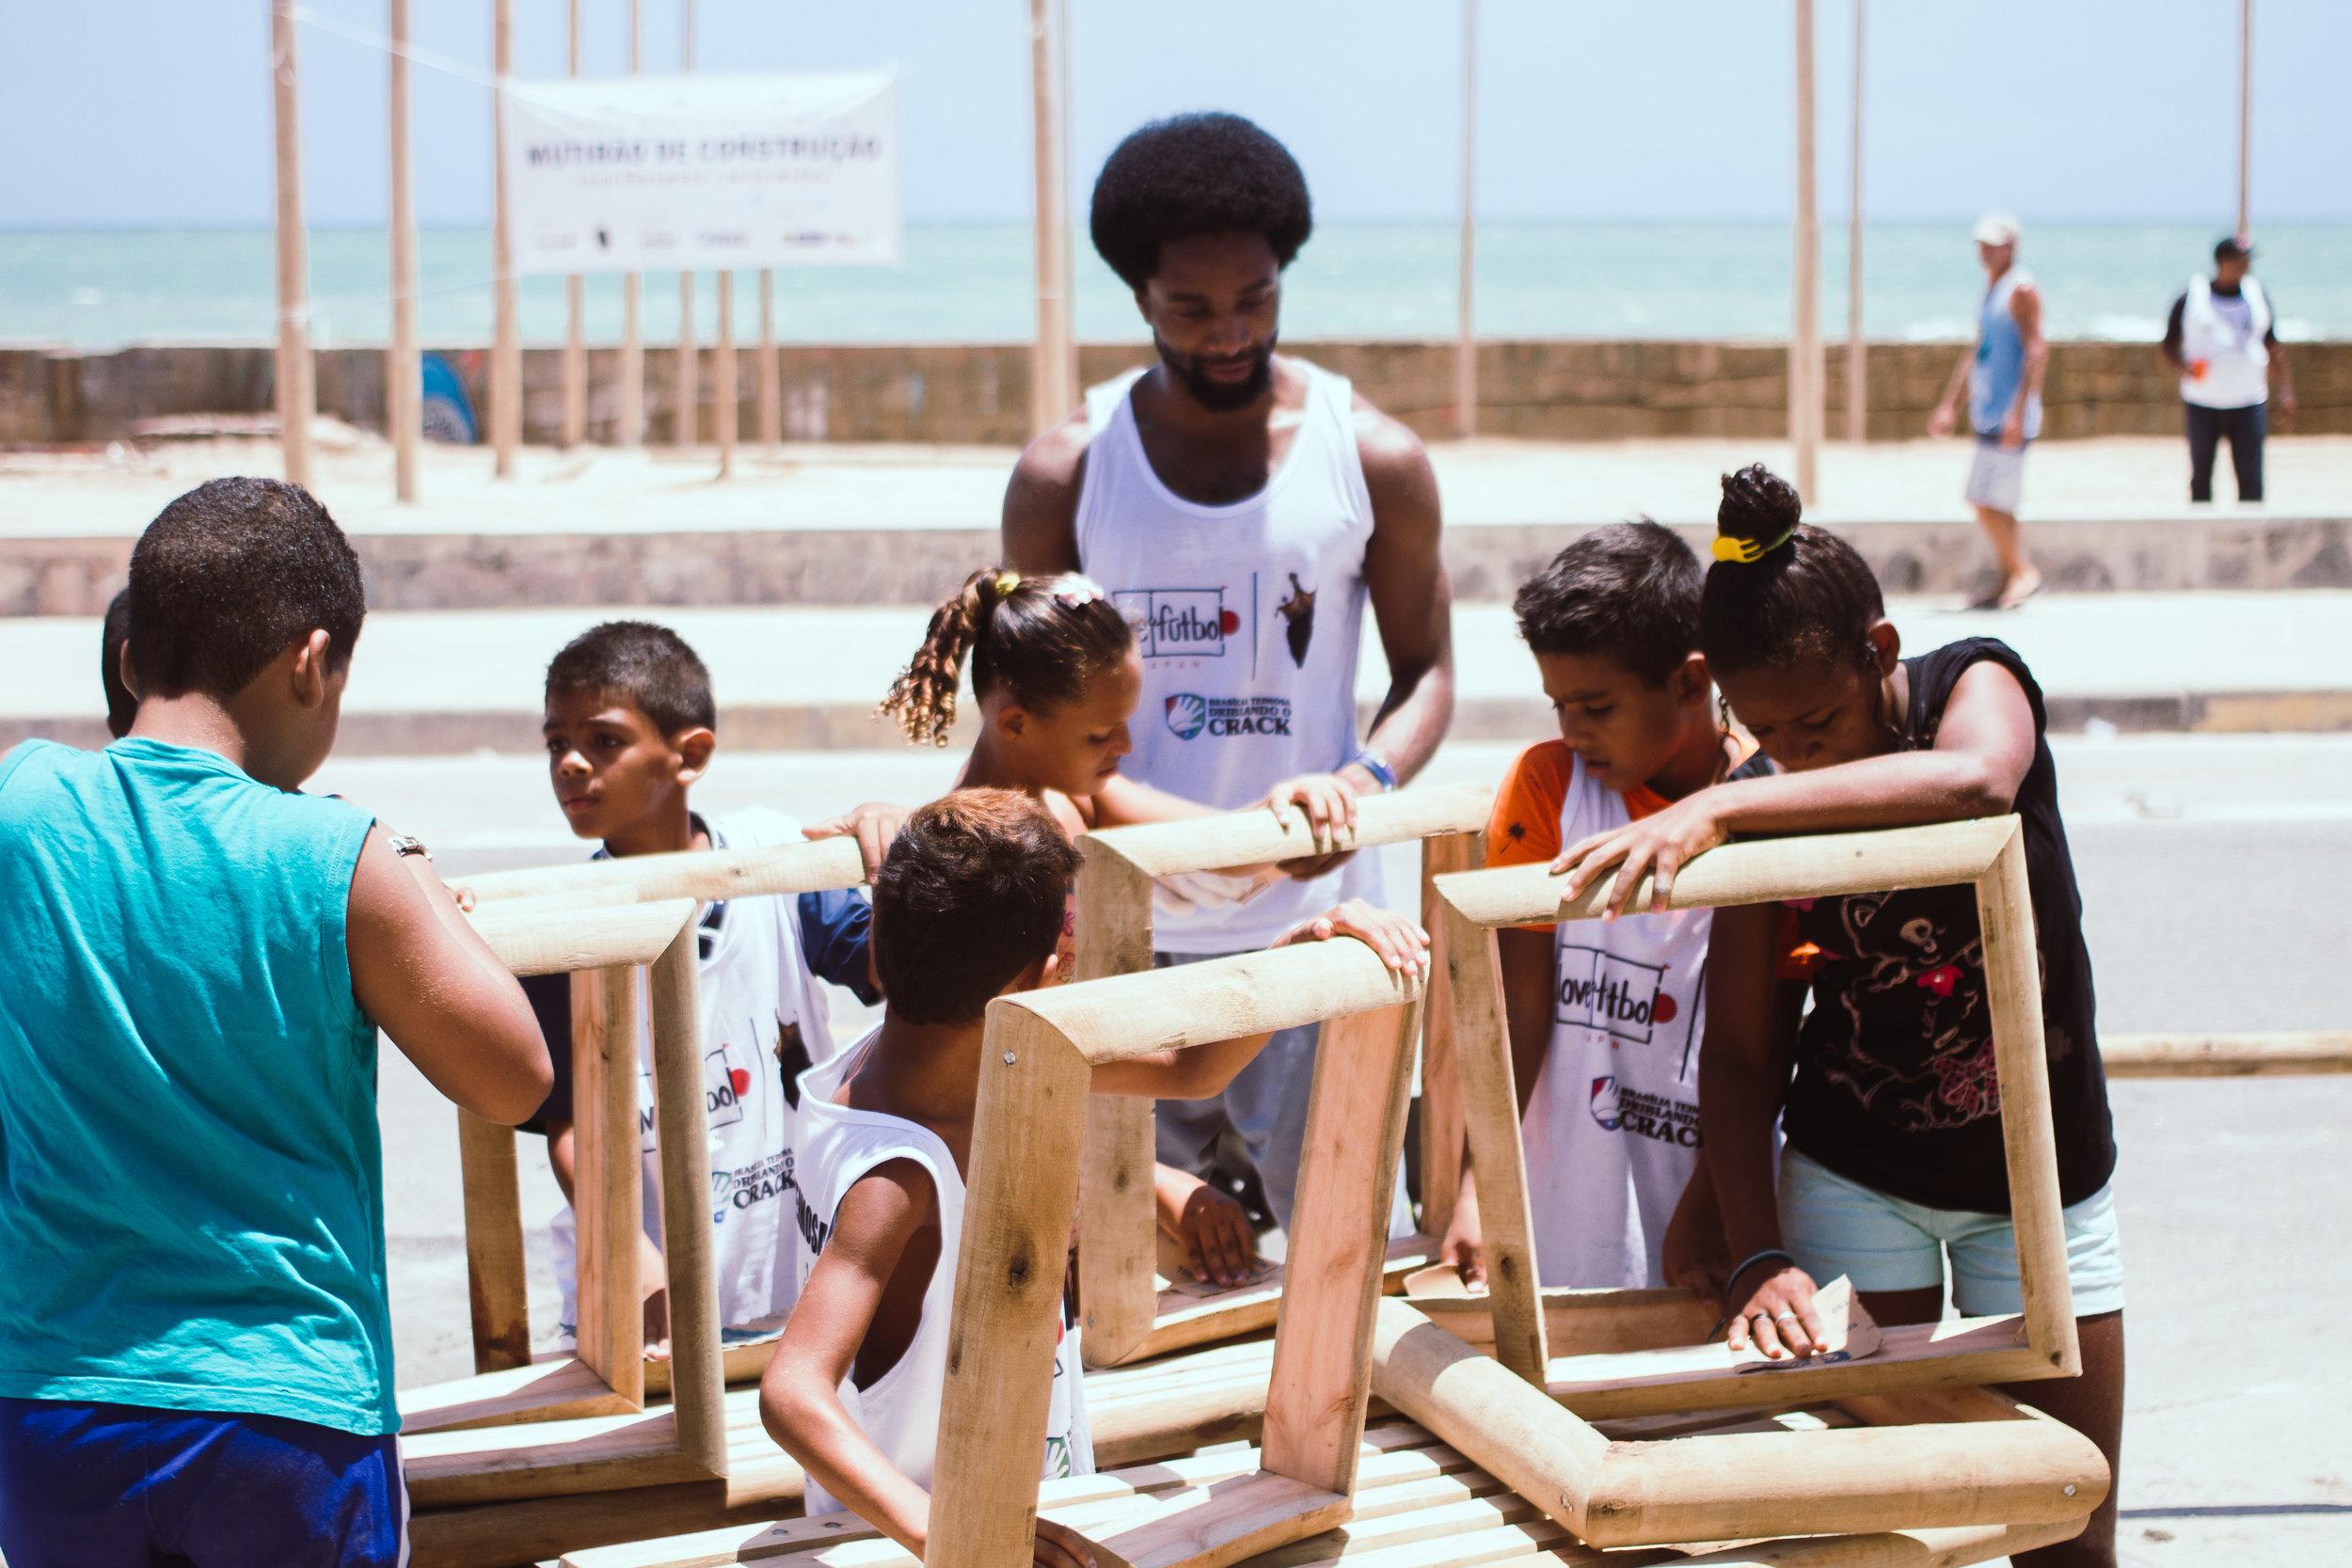 MUTIRAO BRASILIA TEIMOSA_PB TEIMOSA_PRISCILLABUHR-153.jpg